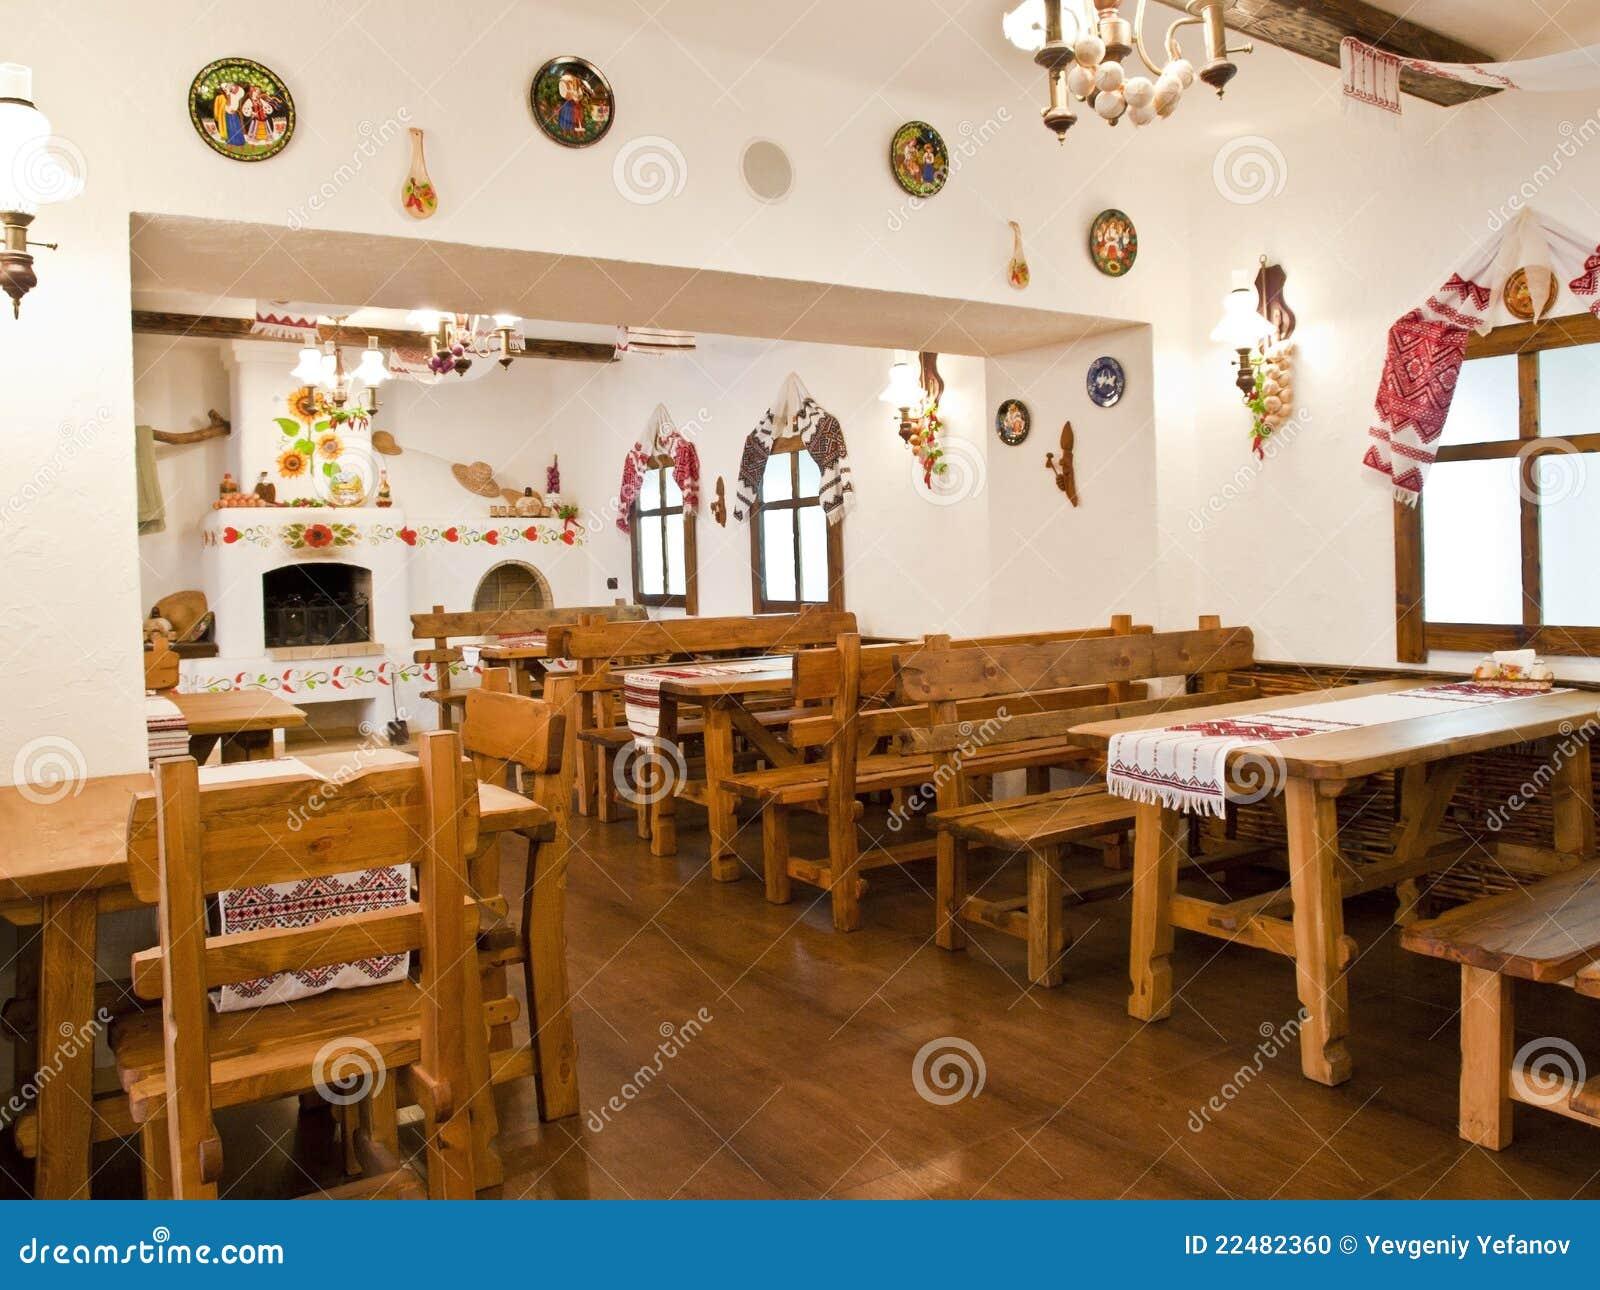 De keuken in de oude slavische stijl stock foto afbeelding 22482360 - Oude stijl keuken wastafel ...